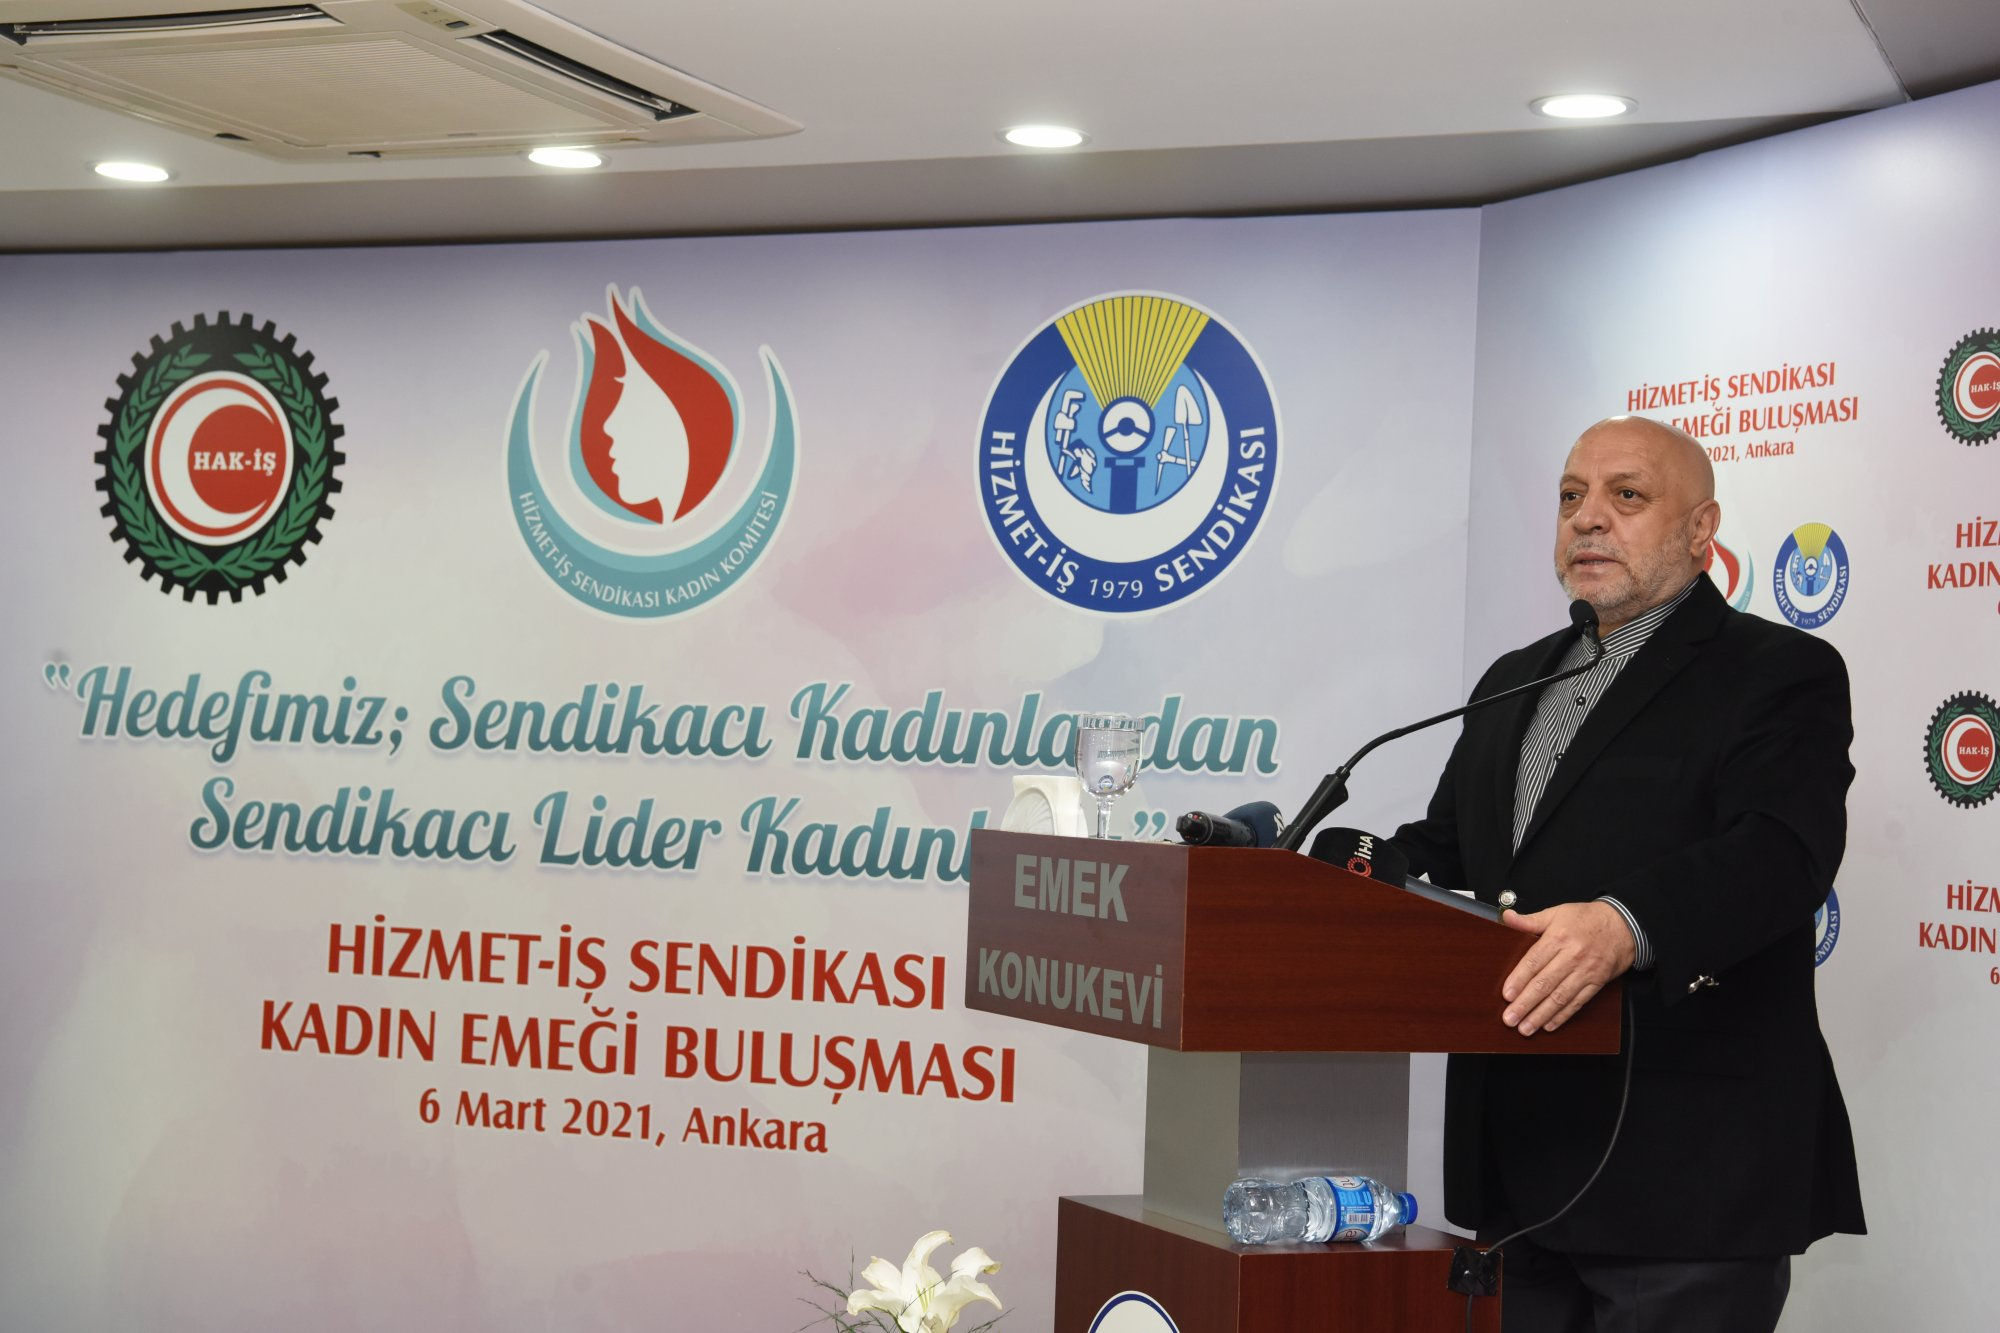 ARSLAN, HİZMET-İŞ SENDİKAMIZIN KADIN EMEĞİ BULUŞMASI'NA KATILDI